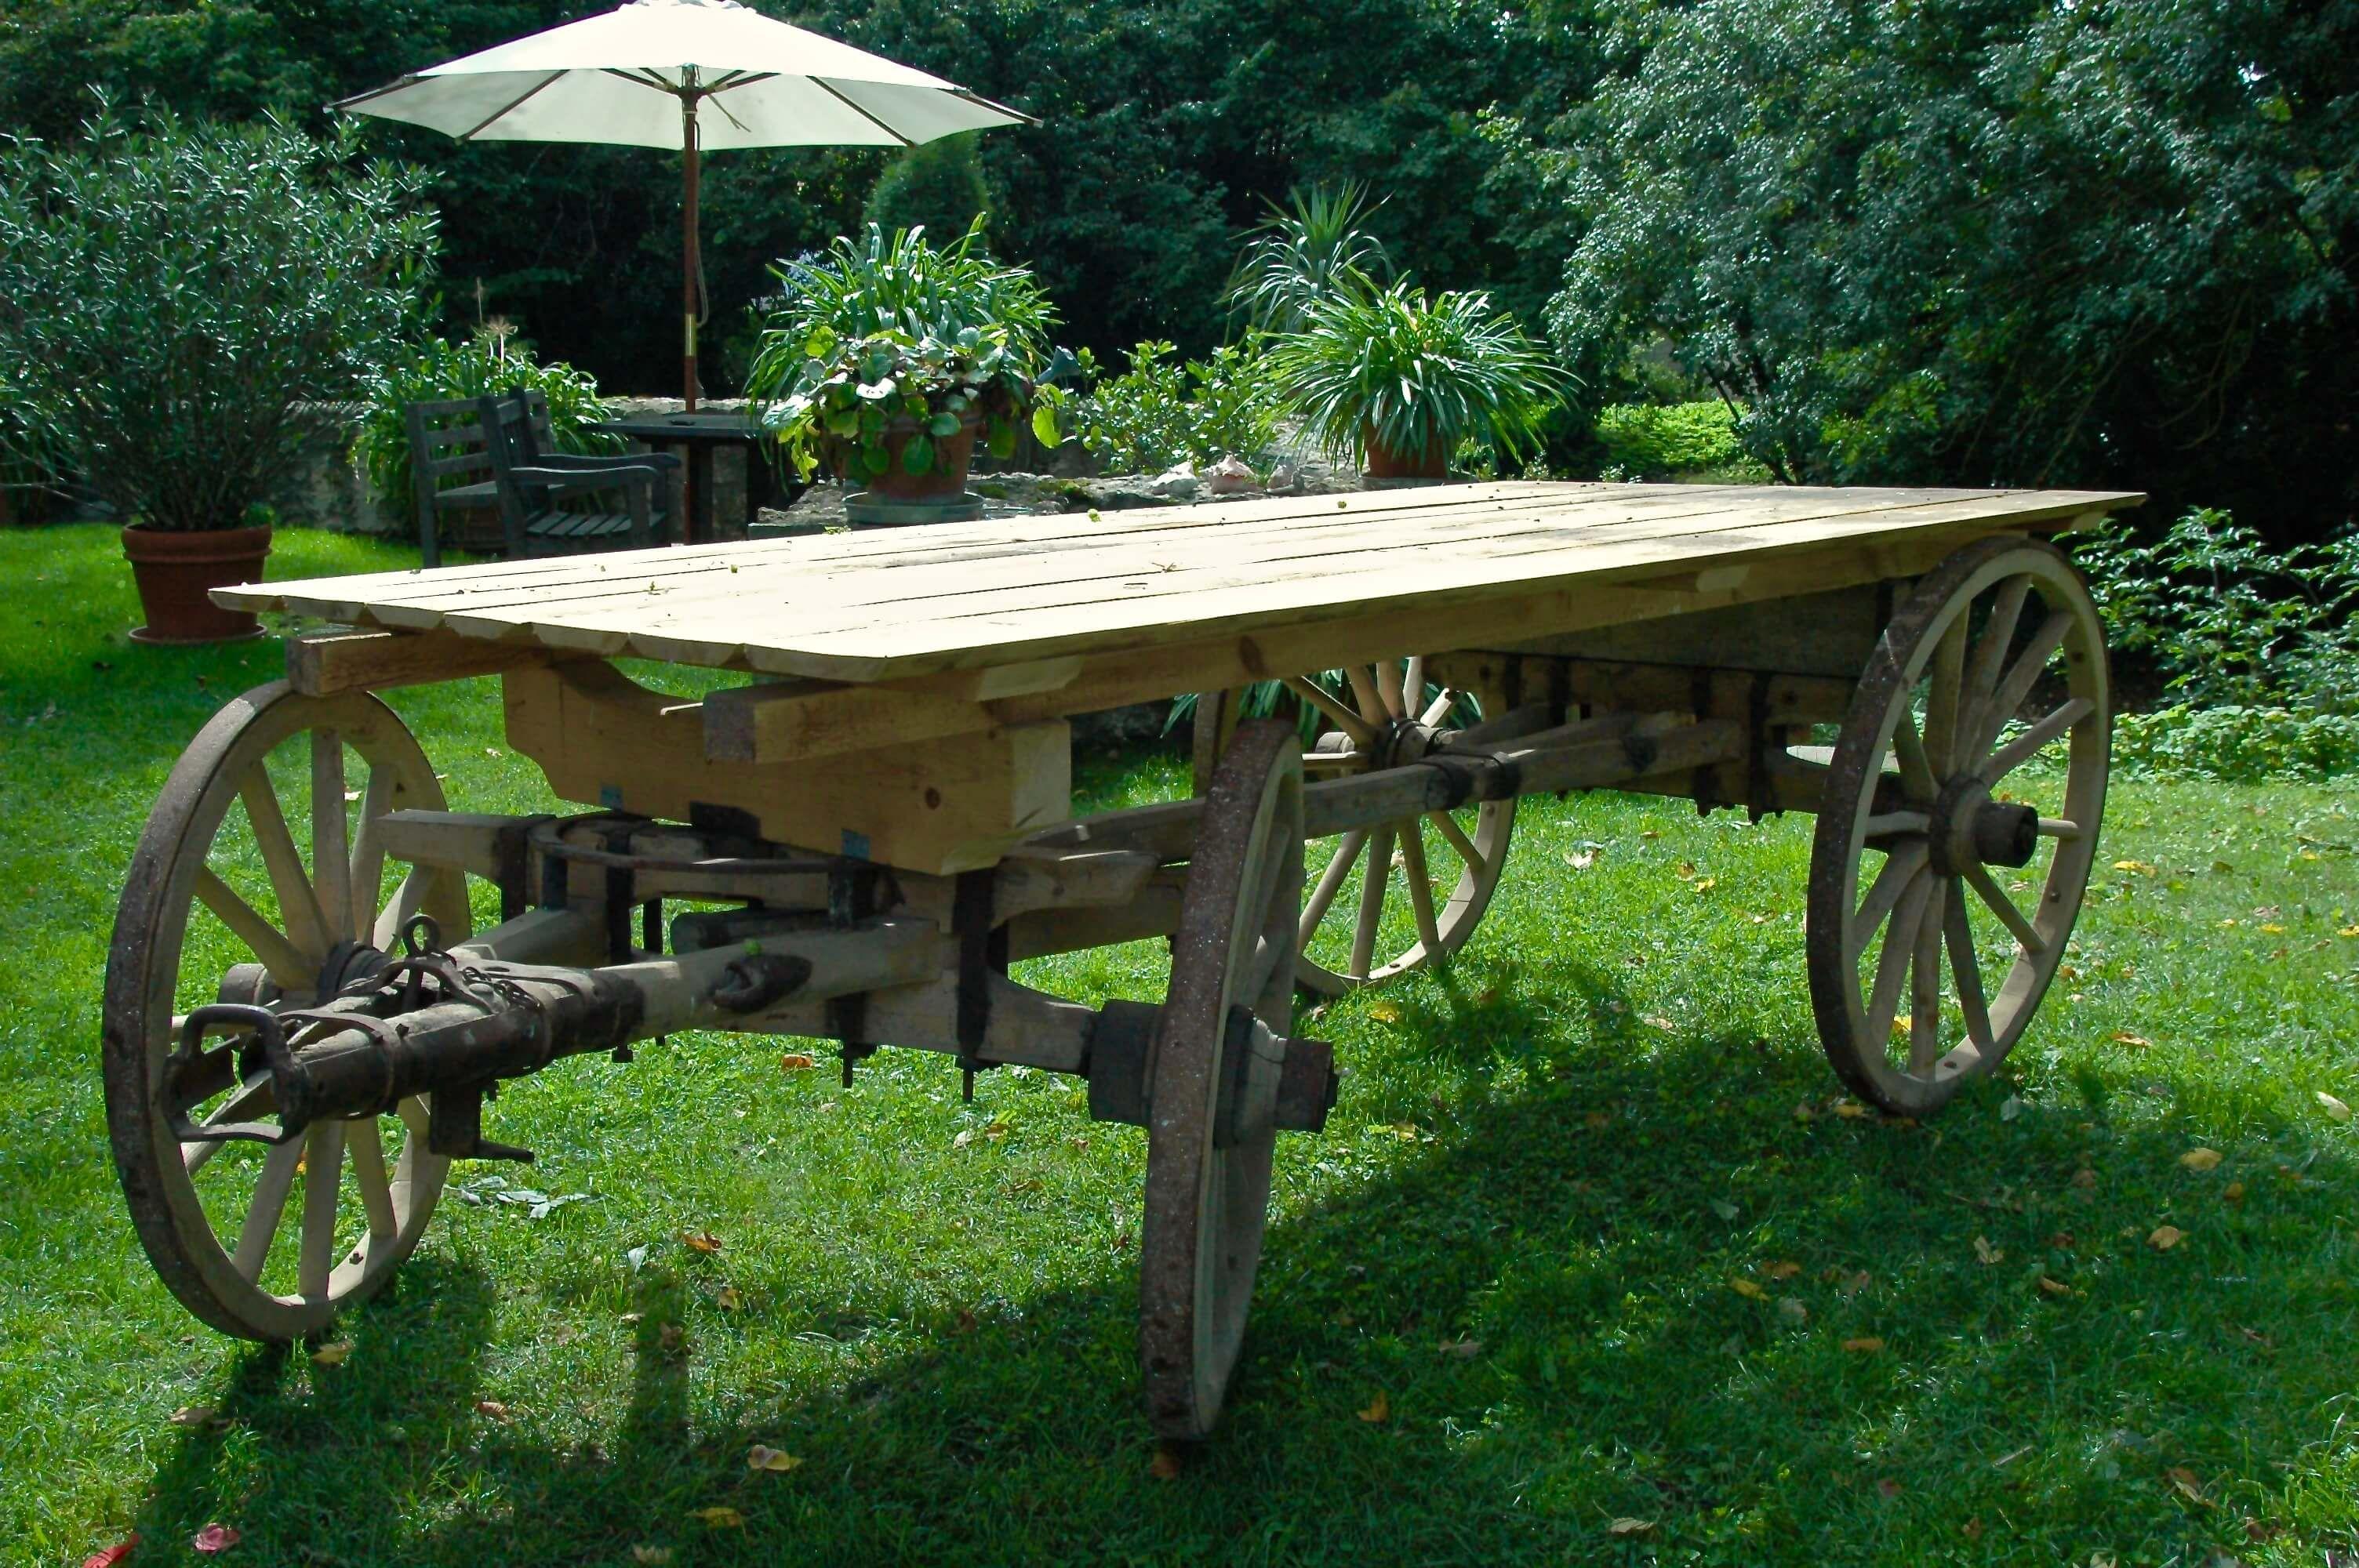 Verleih Holzwagen Leiterwagen Candy Cart Candy Bar Verleih Deko Verleih Dekoration